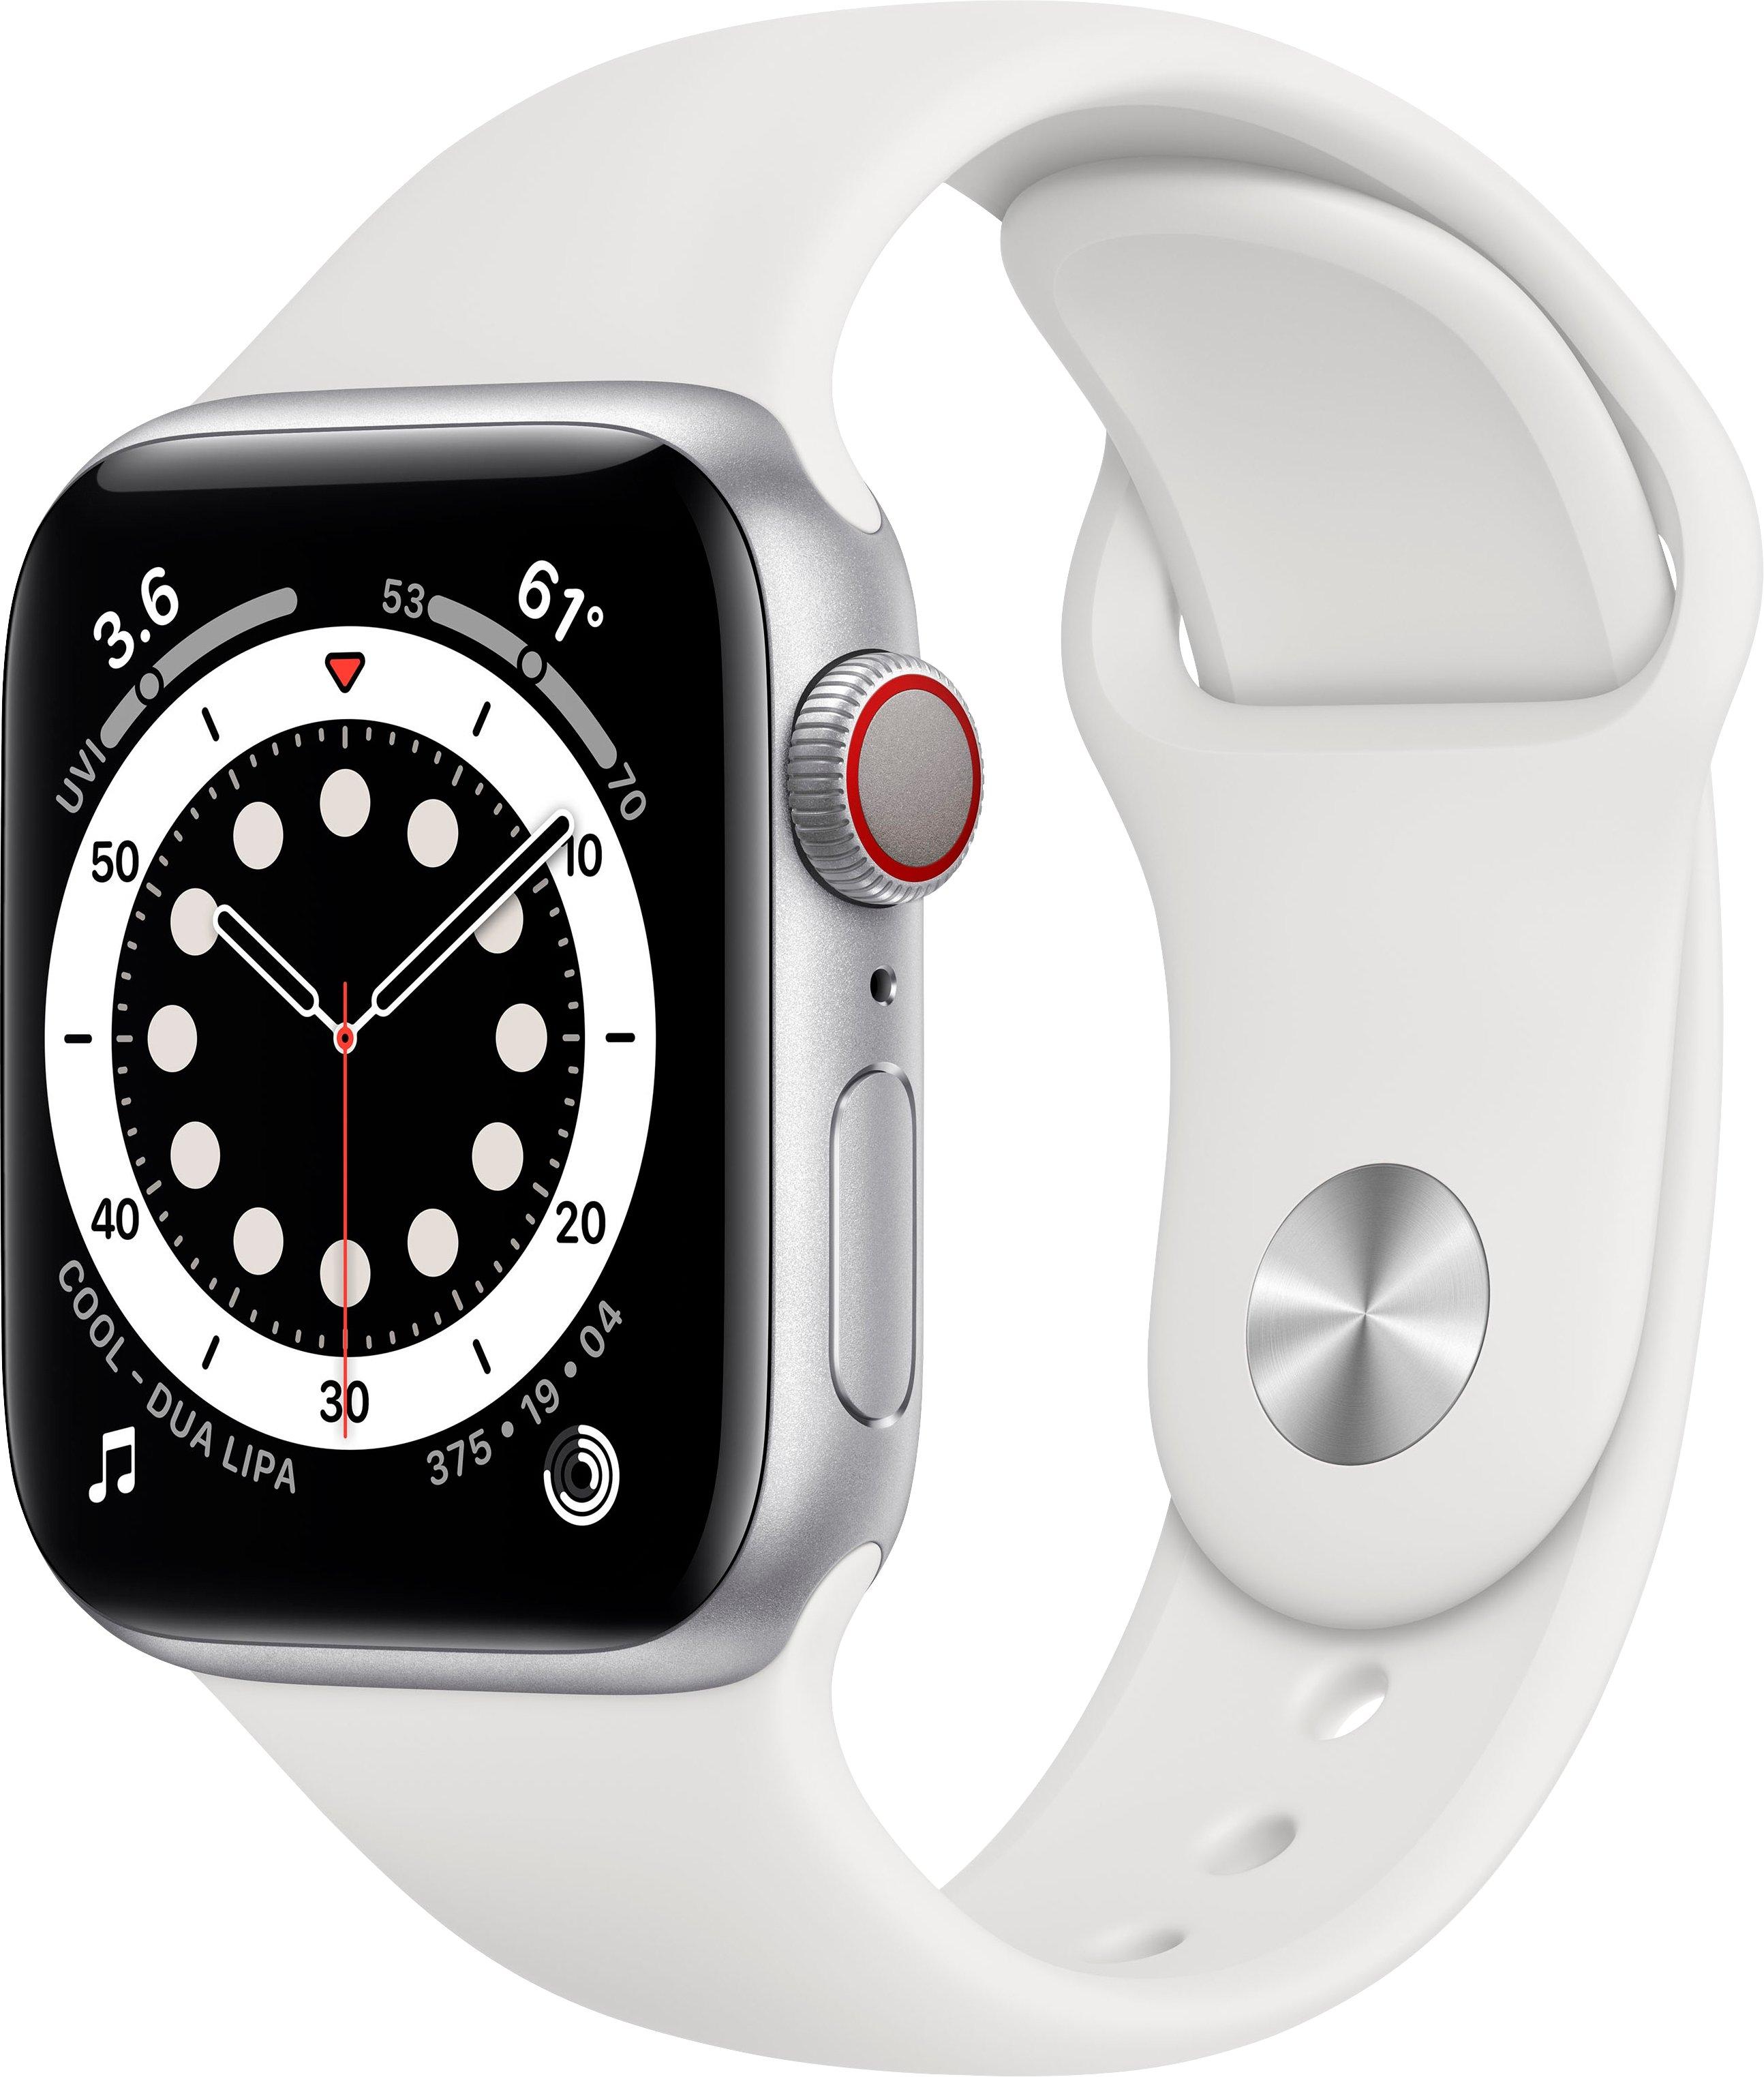 Apple watch Series 6 gps + Cellular, aluminiumbehuizing met sport 40 mm inclusief oplaadstation (magnetische oplaadkabel) veilig op otto.nl kopen